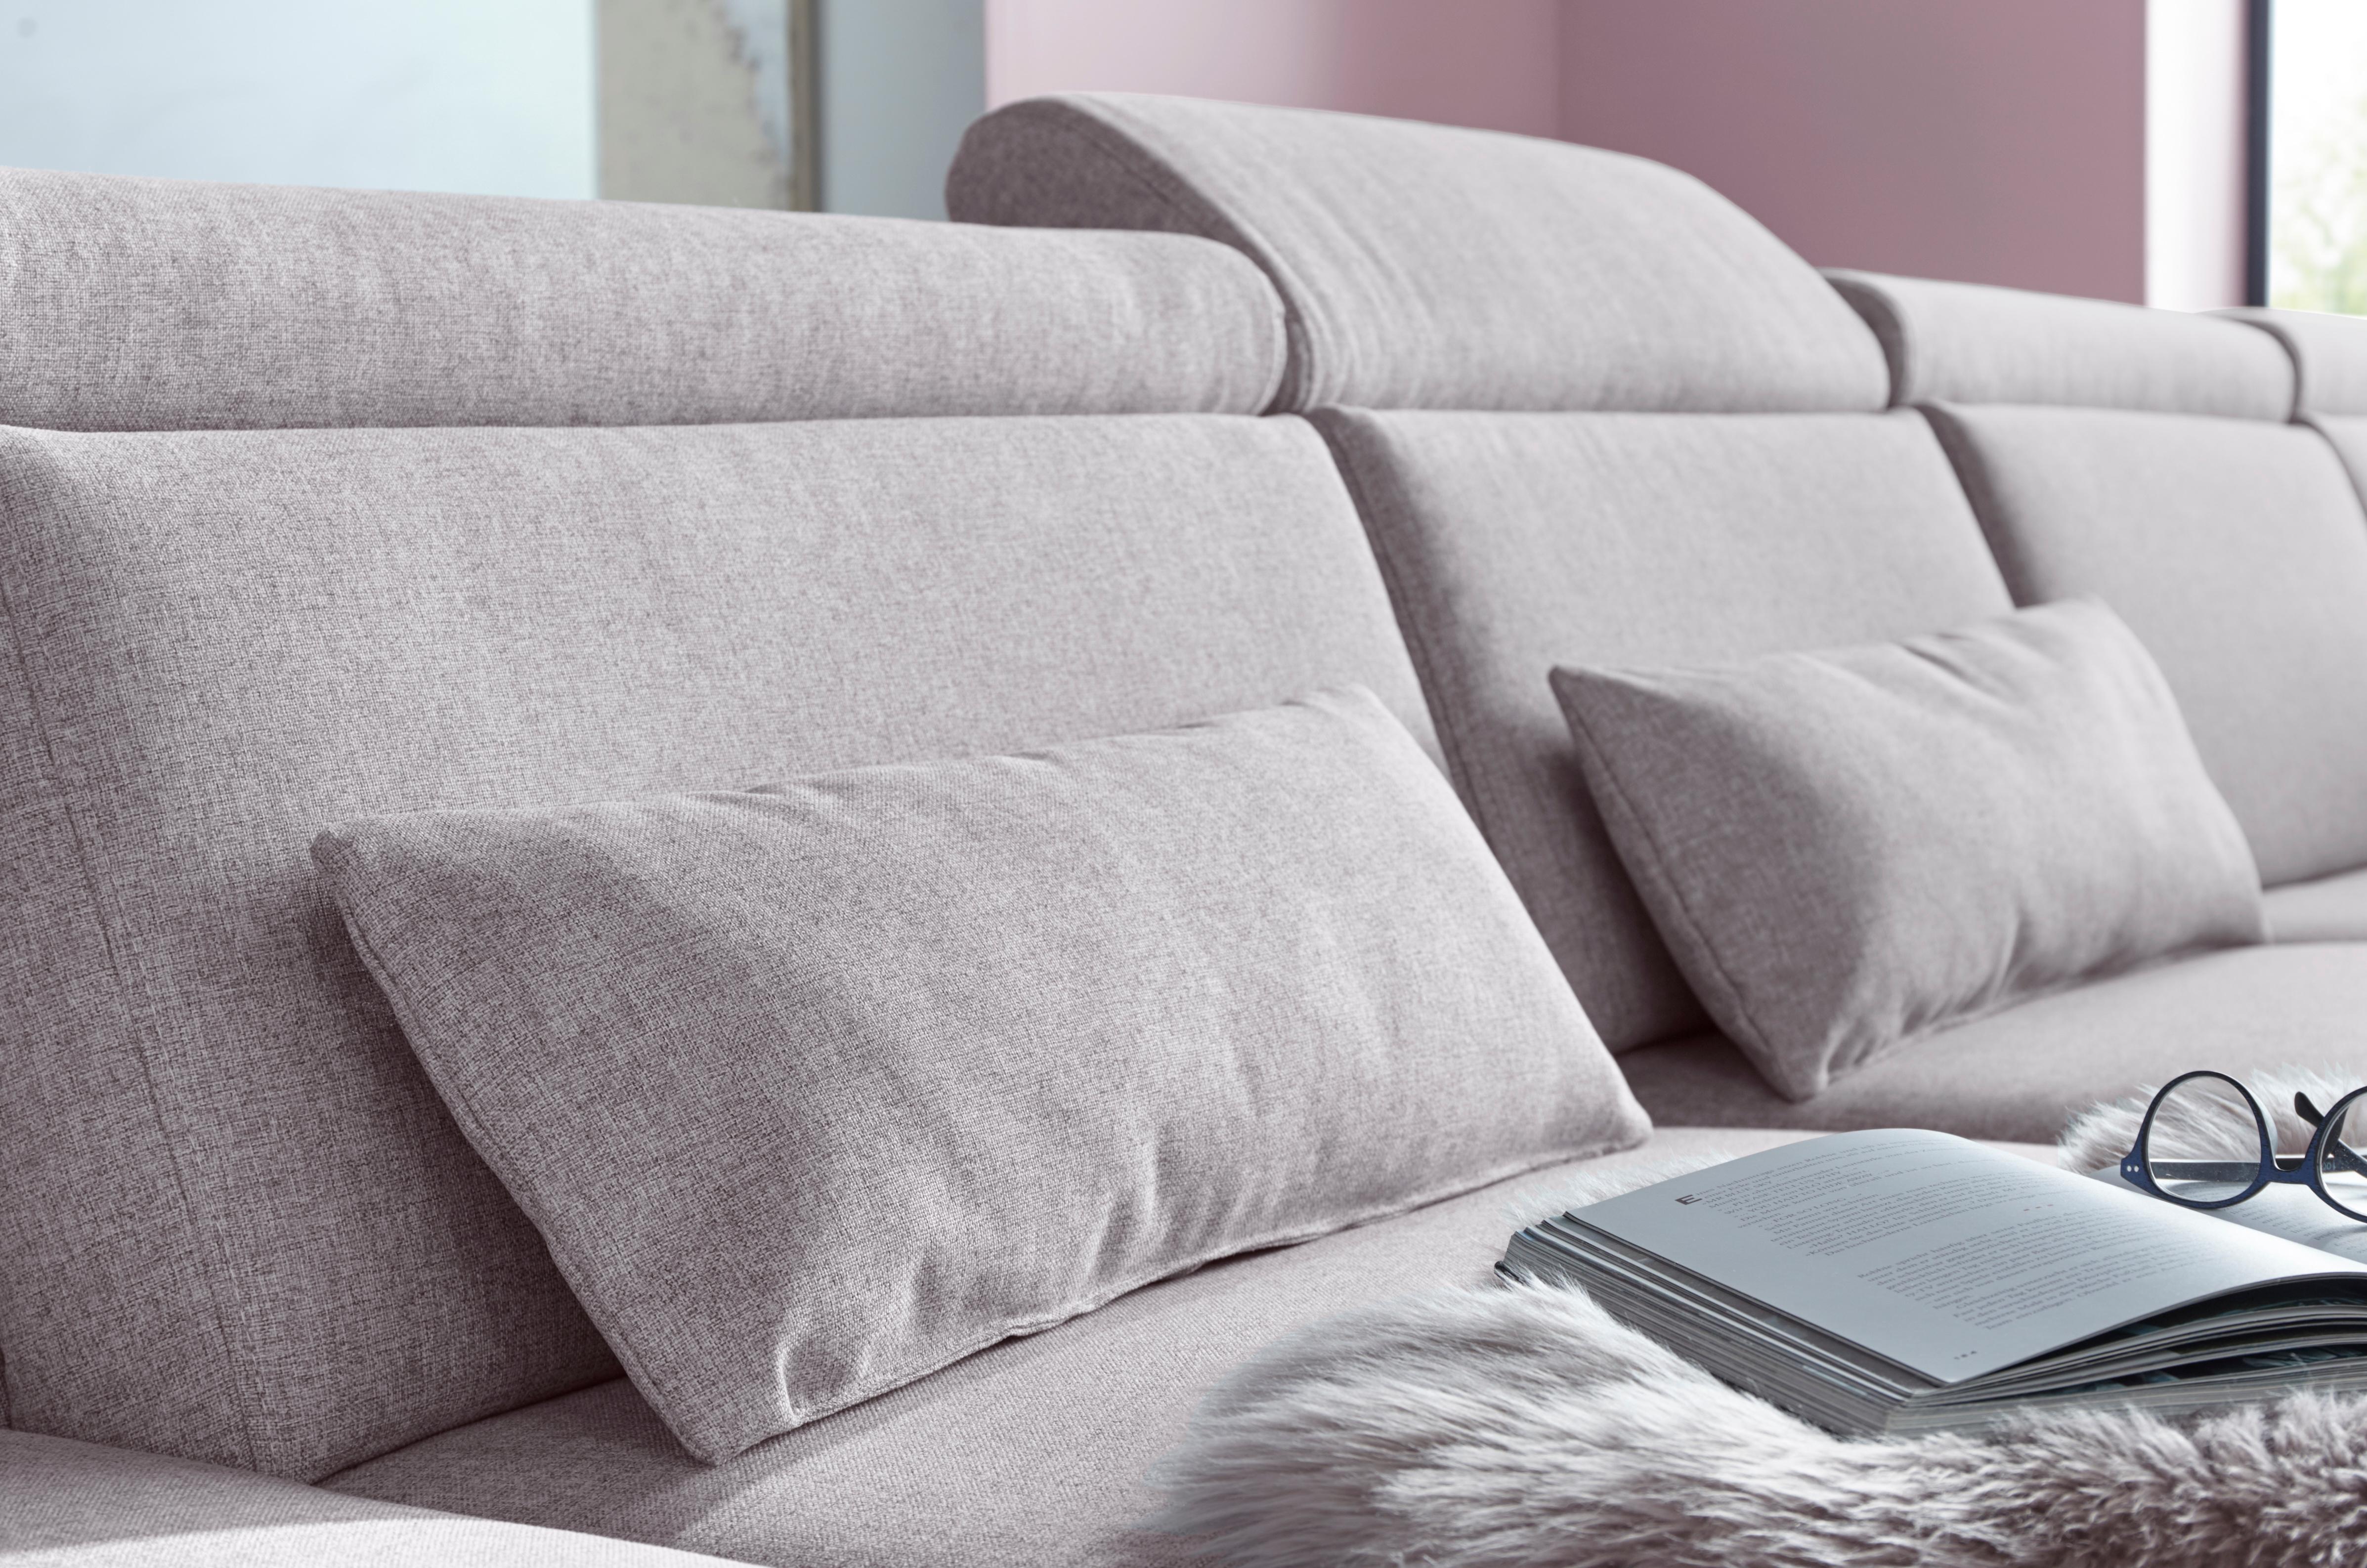 sit&more Polsterauflage (Set) rosa Dekokissen uni Kissen Polsterauflagen